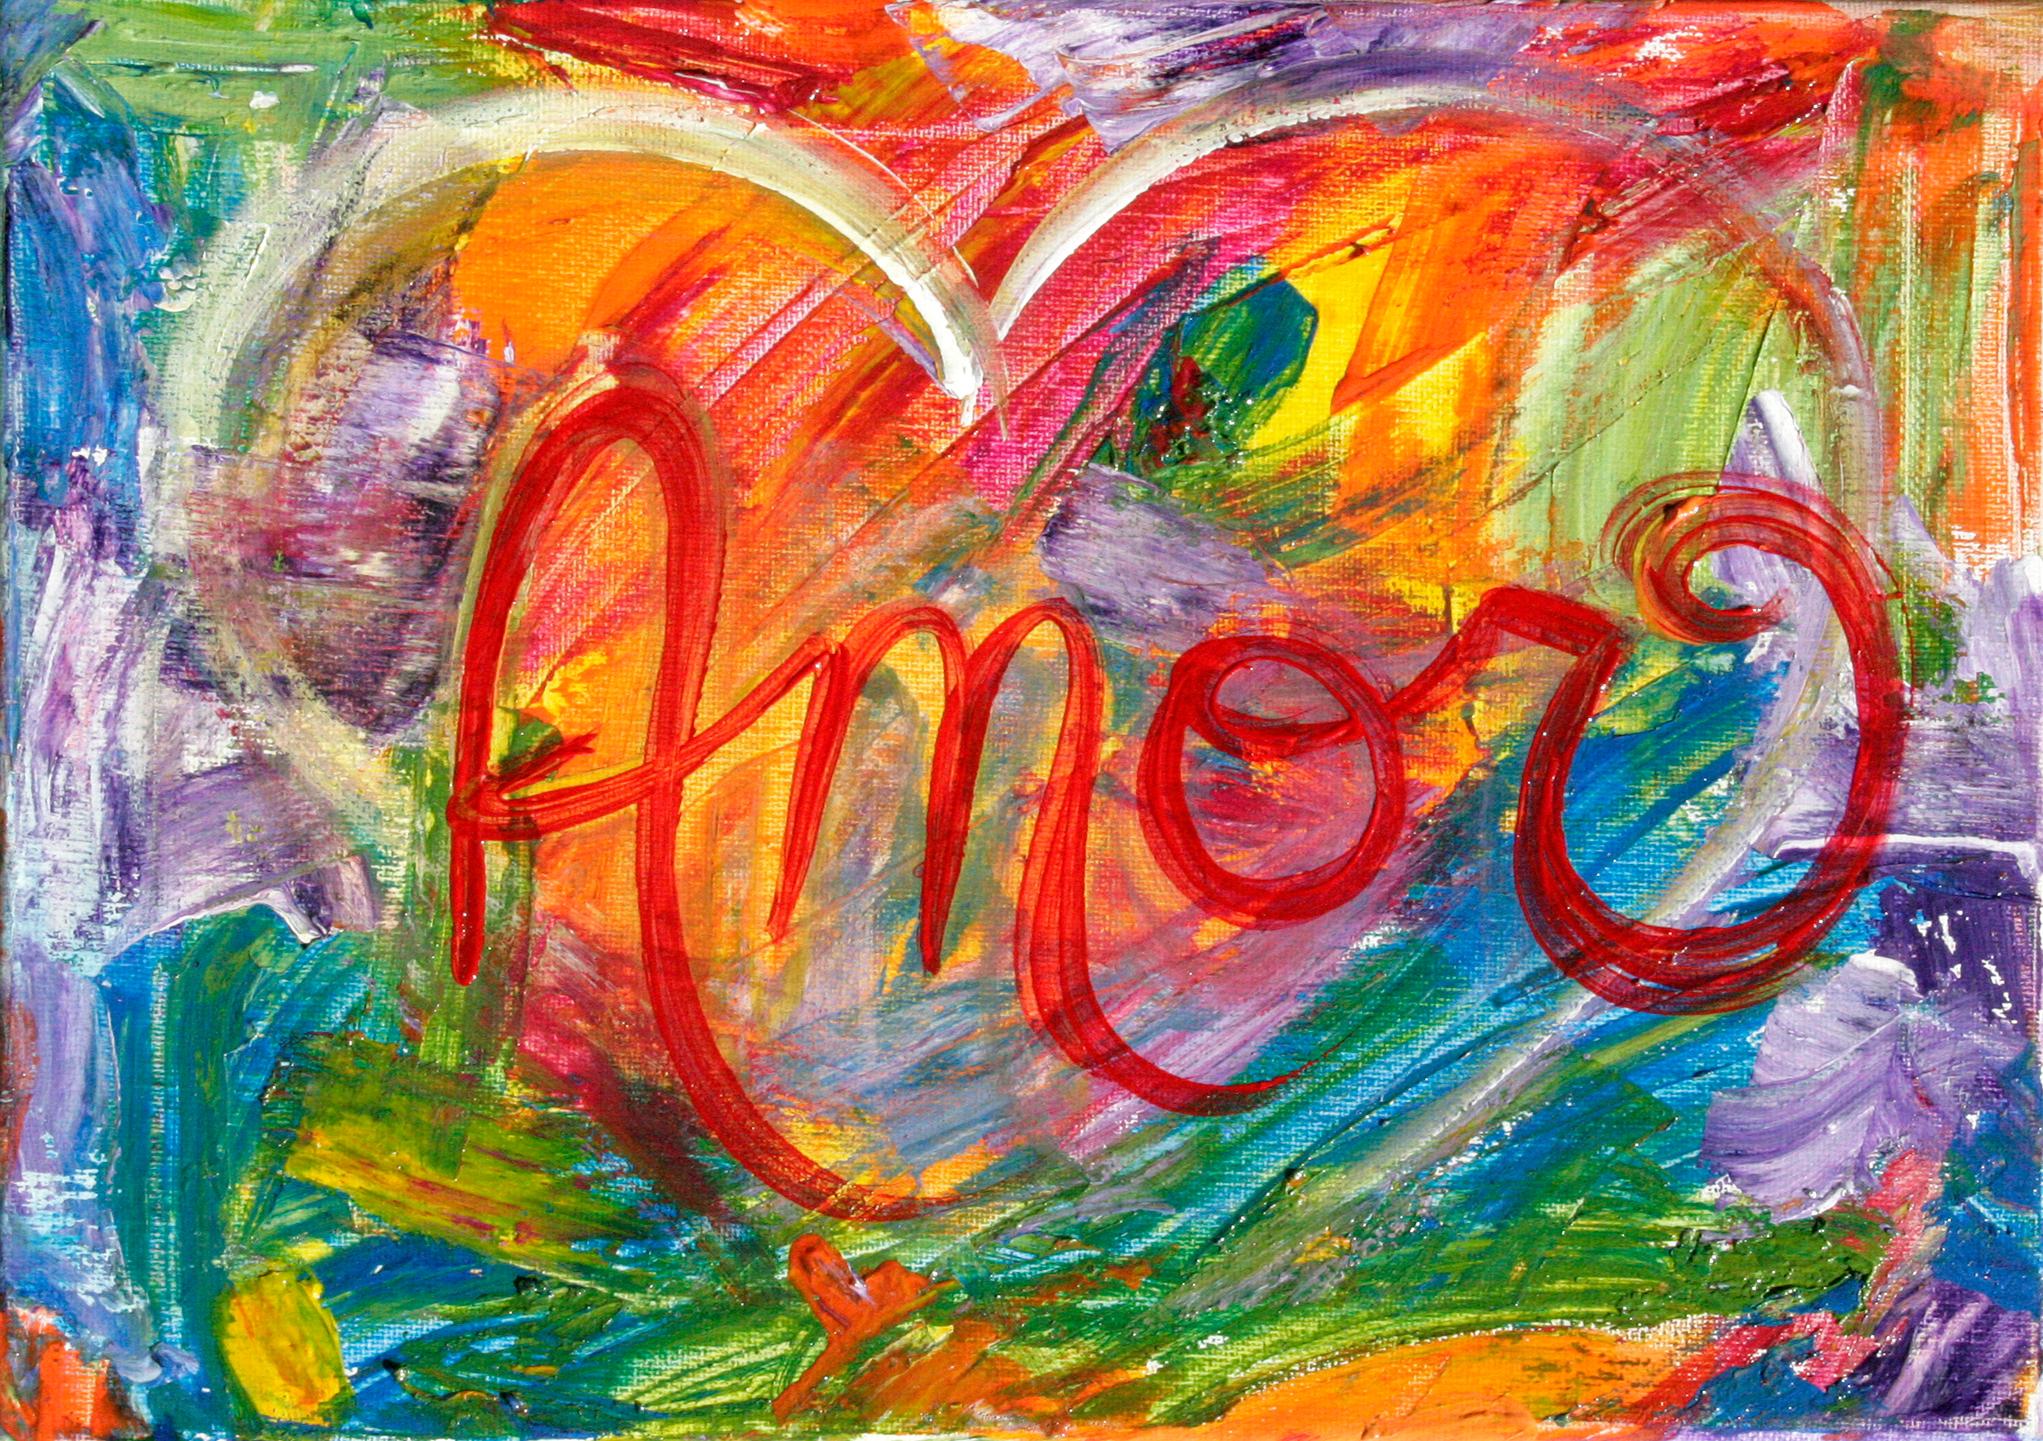 Amor cjk4fm